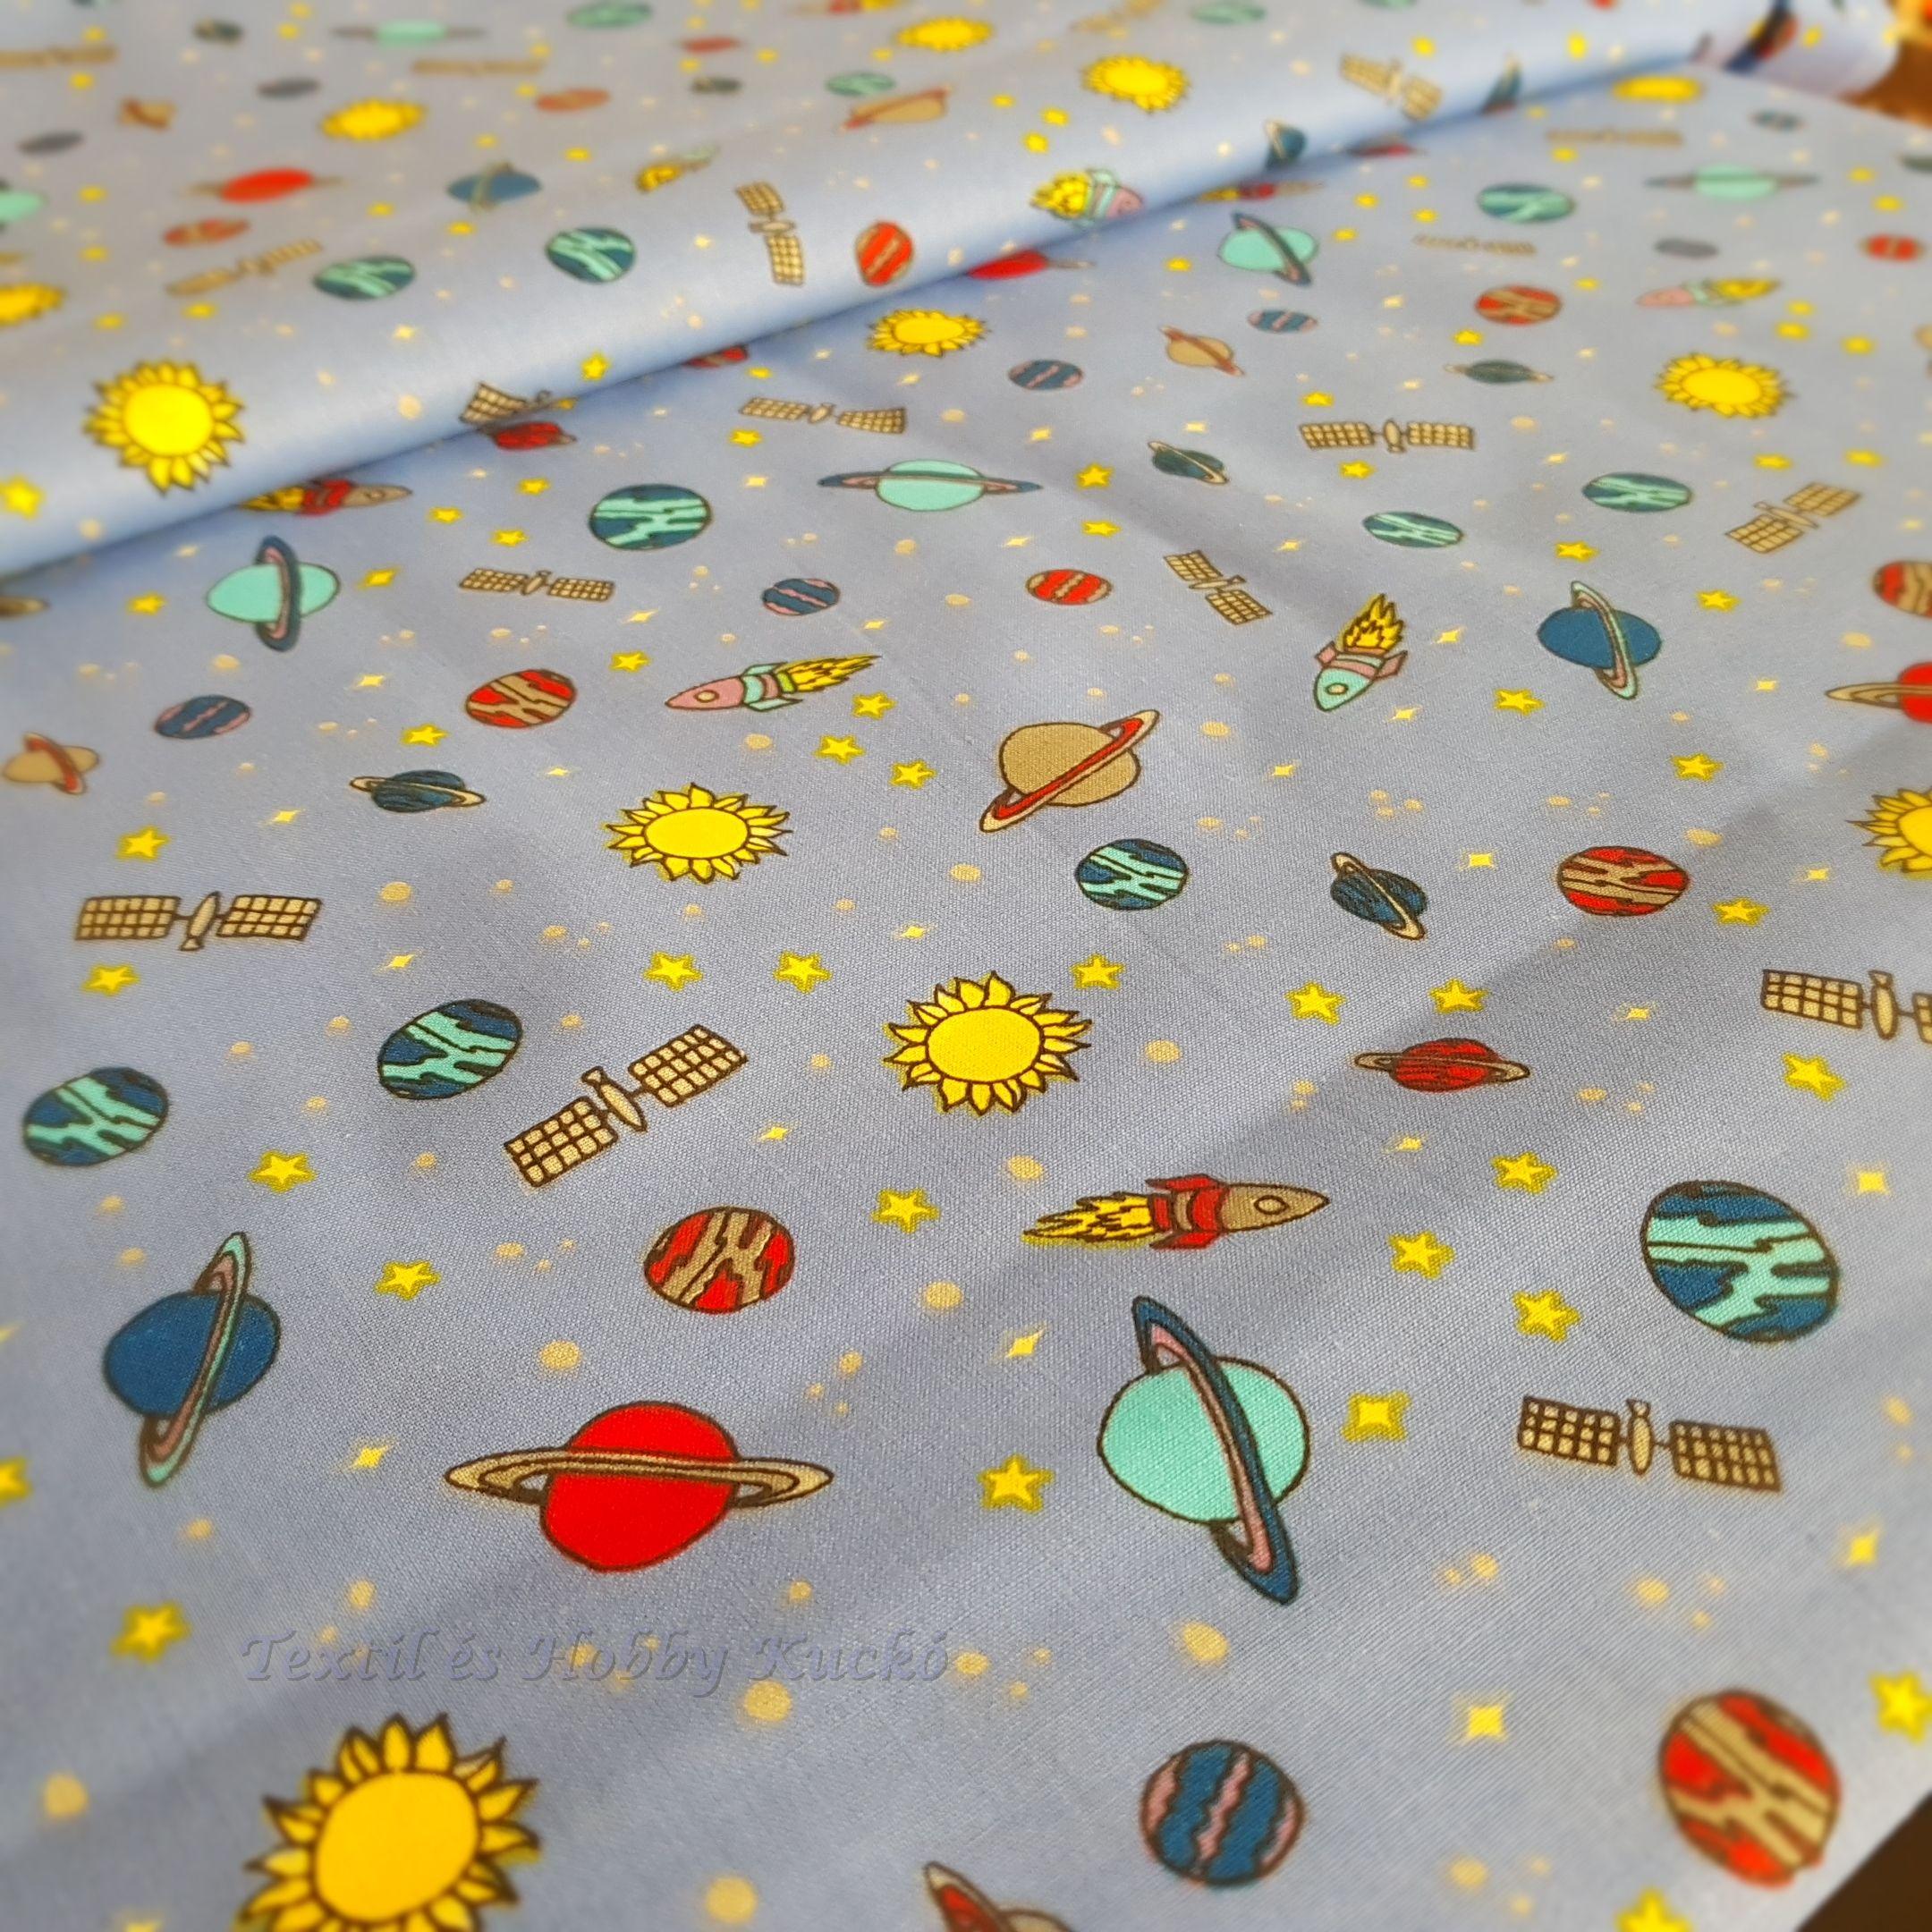 d9761432e5 Bolygós gyerekmintás pamutvászon - Textilkuckó webáruház